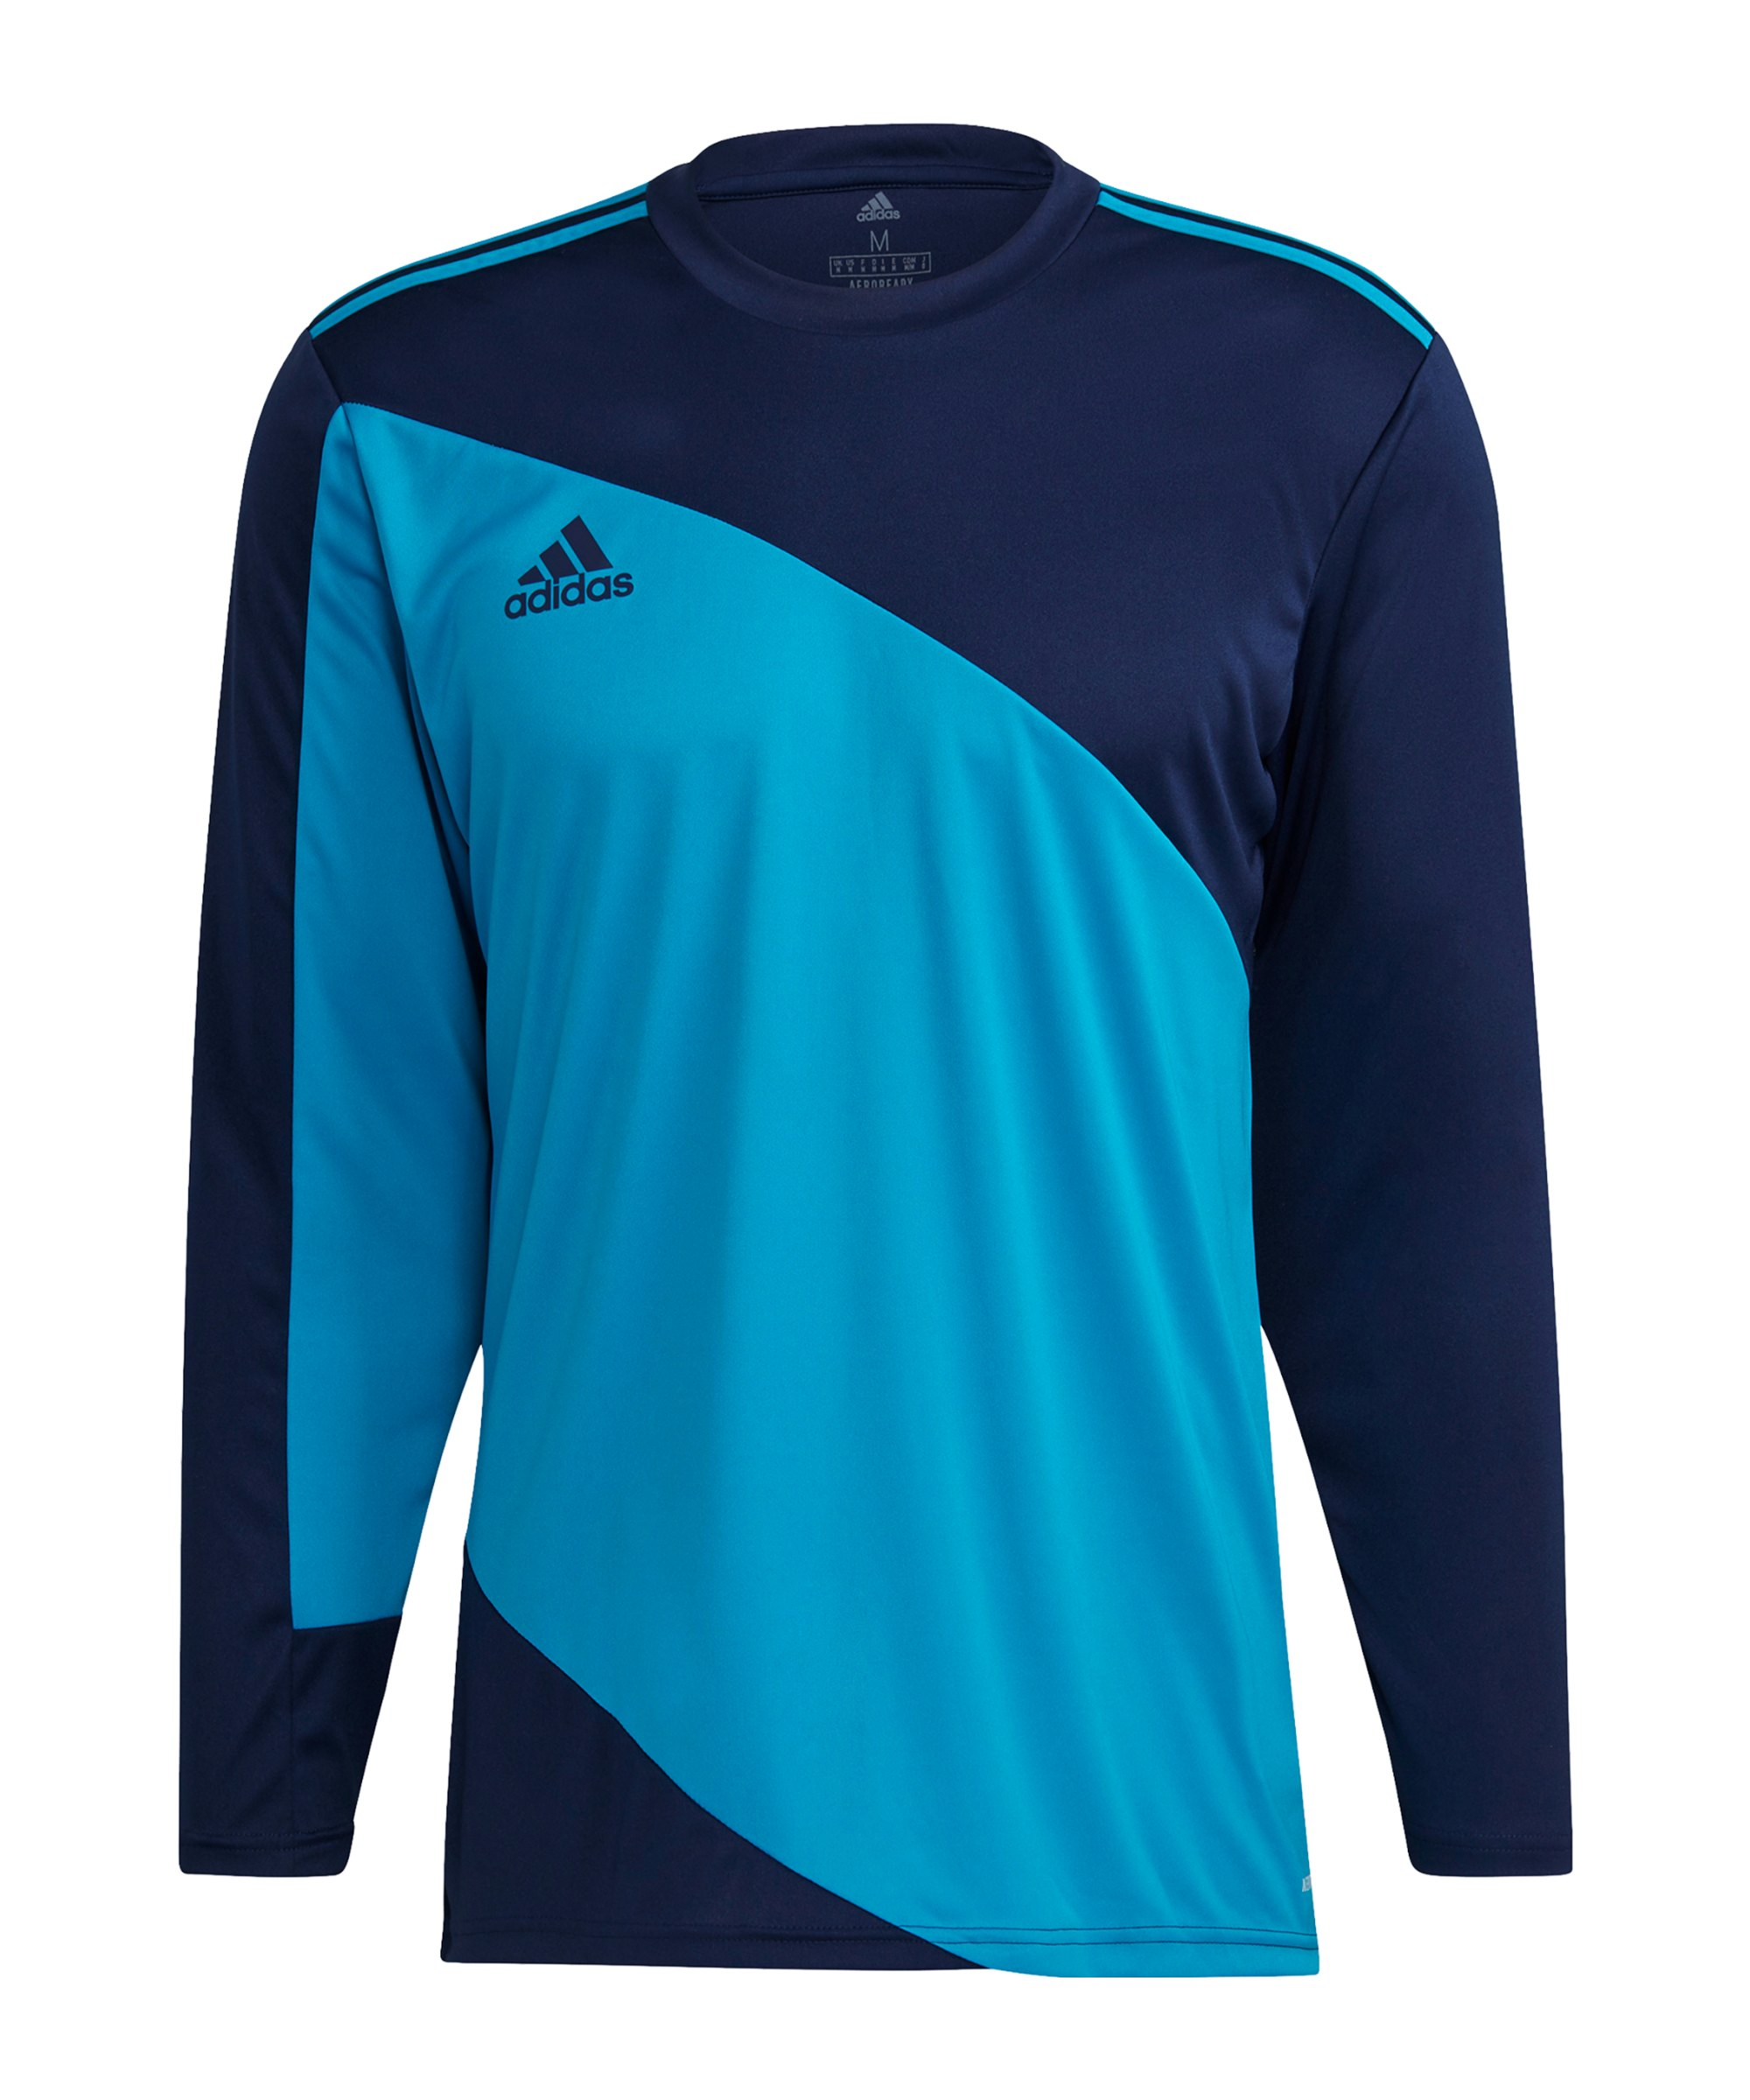 adidas Squadra 21 Torwarttrikot Blau - blau